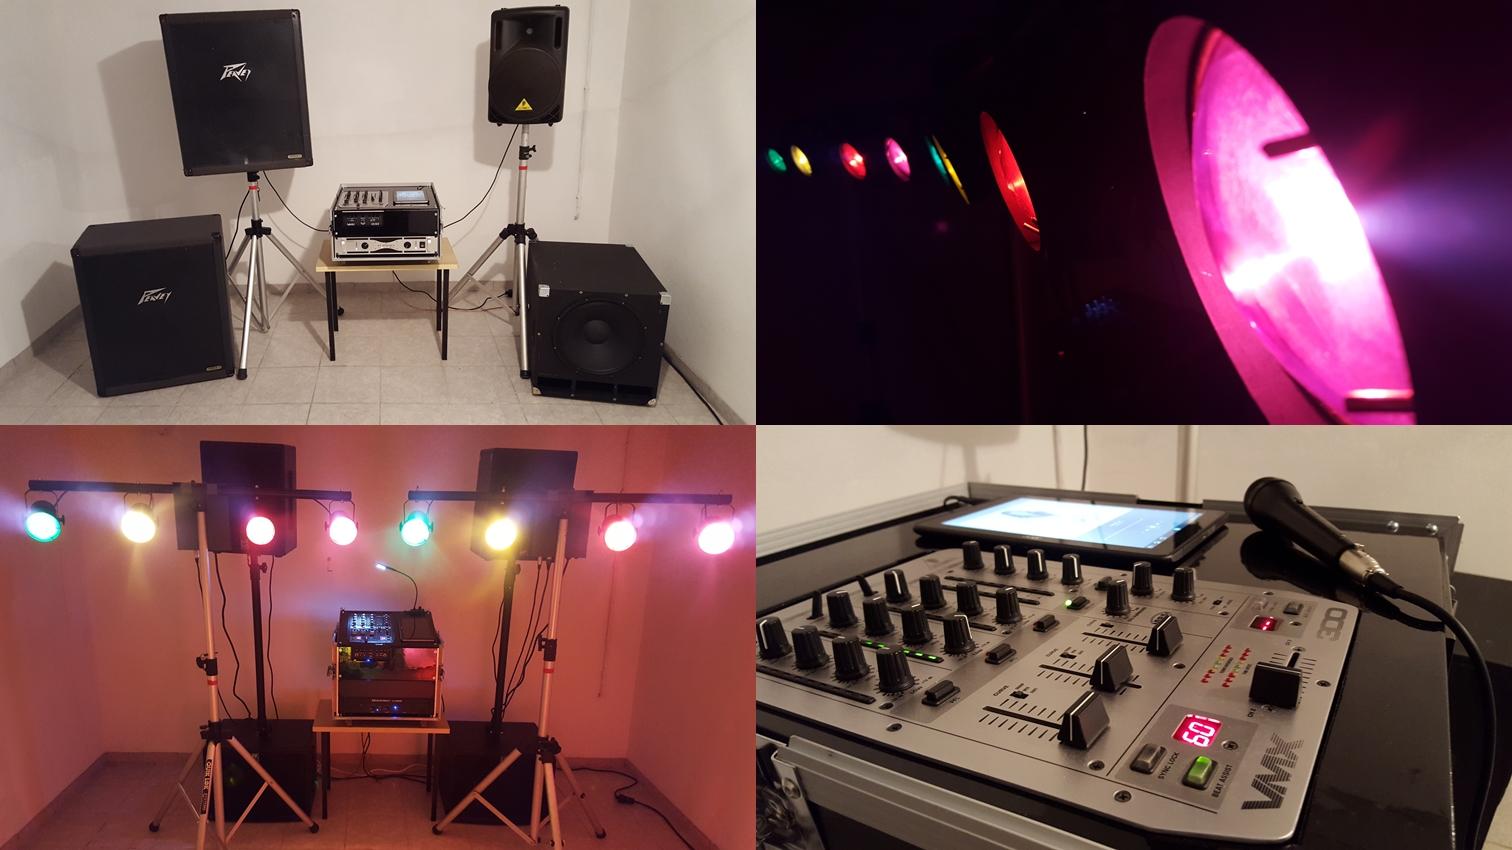 verleih von musikanlage f r party in osnabr ck easymusic os. Black Bedroom Furniture Sets. Home Design Ideas